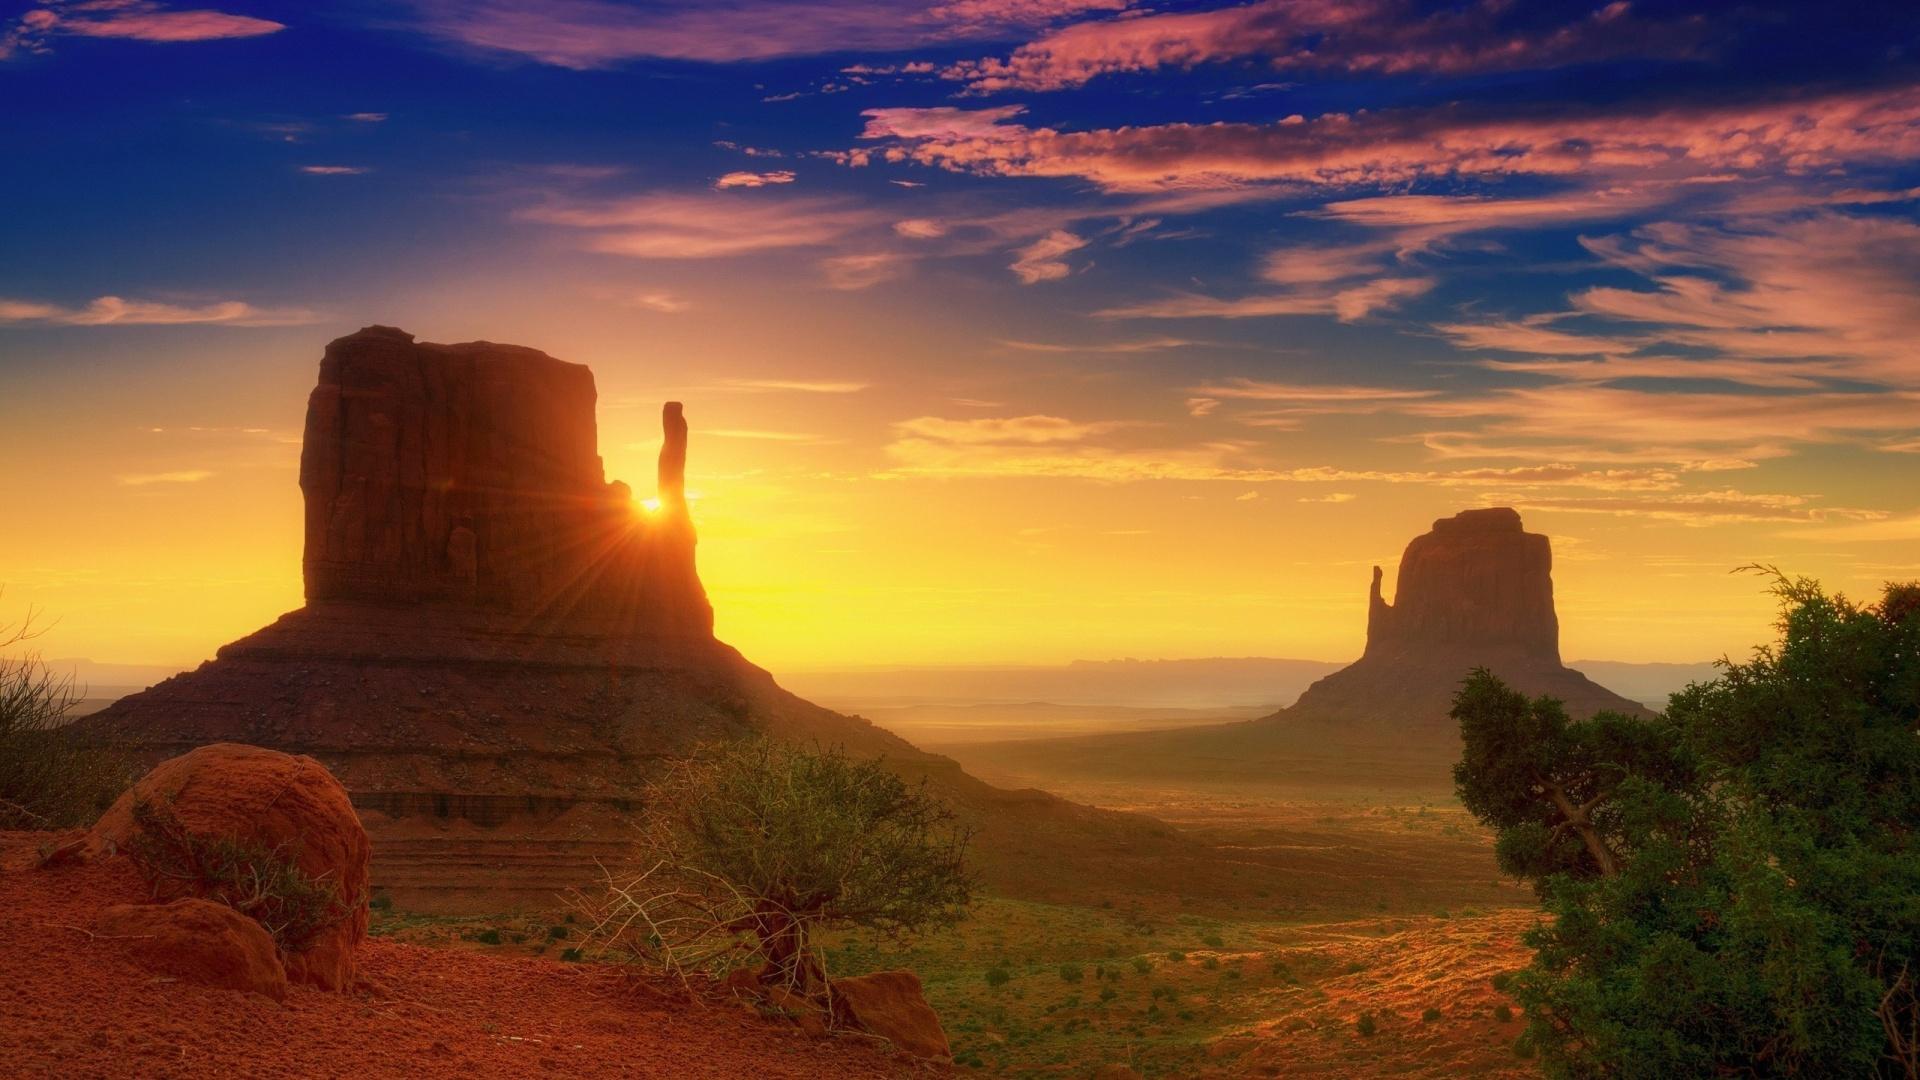 In The Desert clipart desert mountain Category desert similar resolution Background